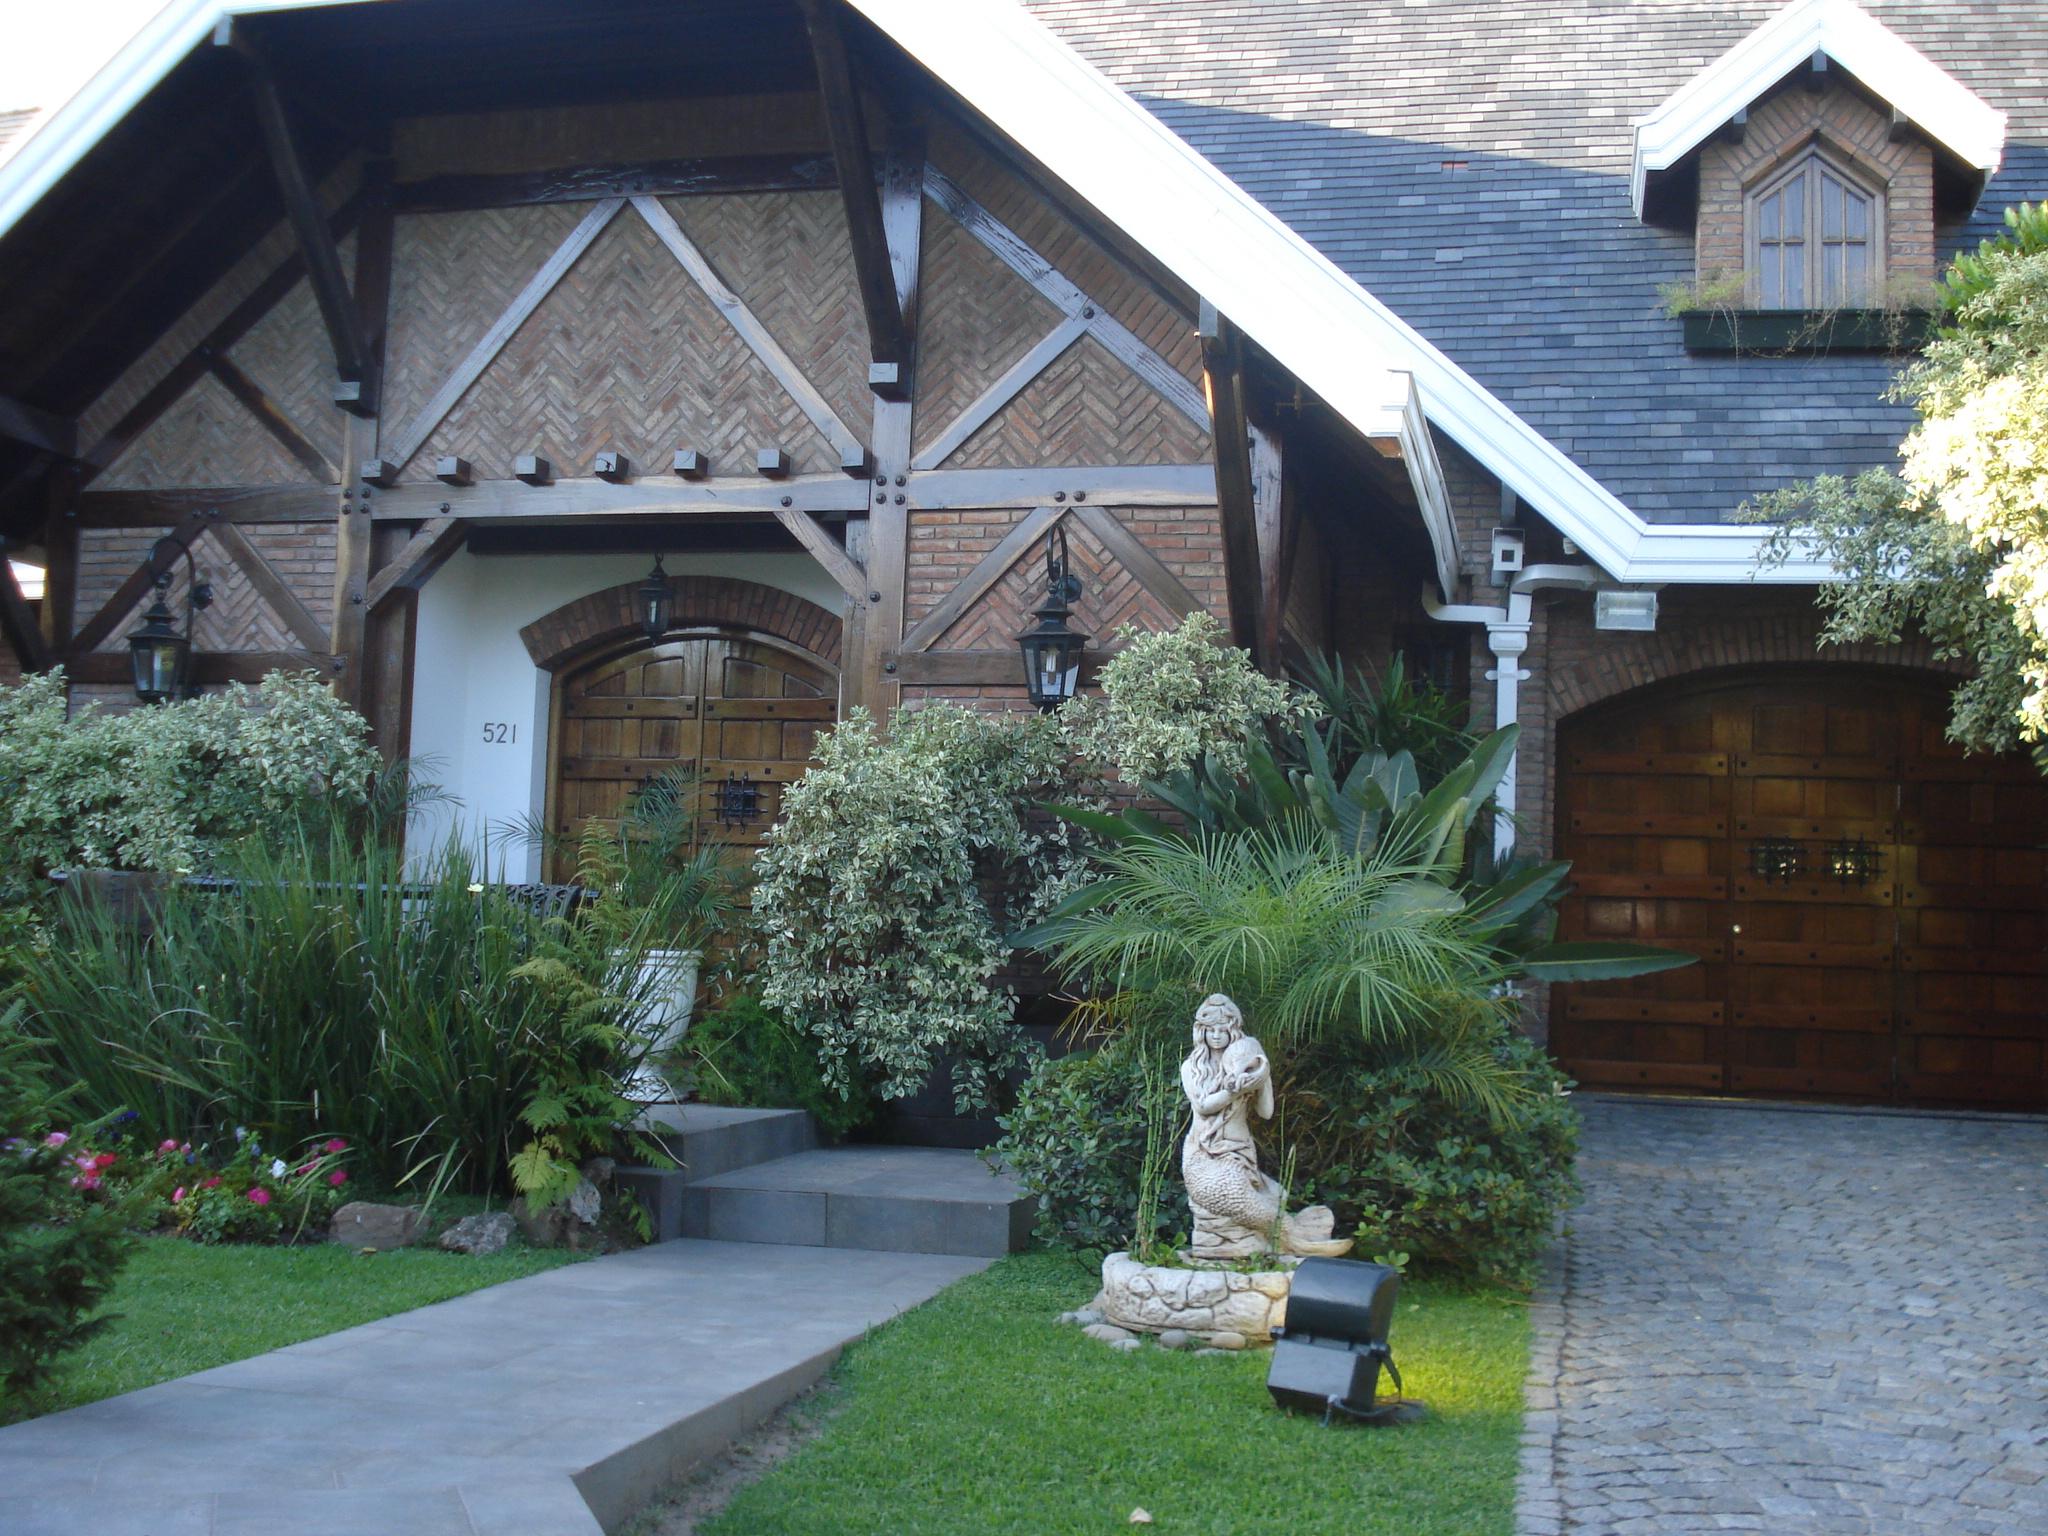 Hermosas casas, mantenidos jardines, autos modernos, dista mucho de la